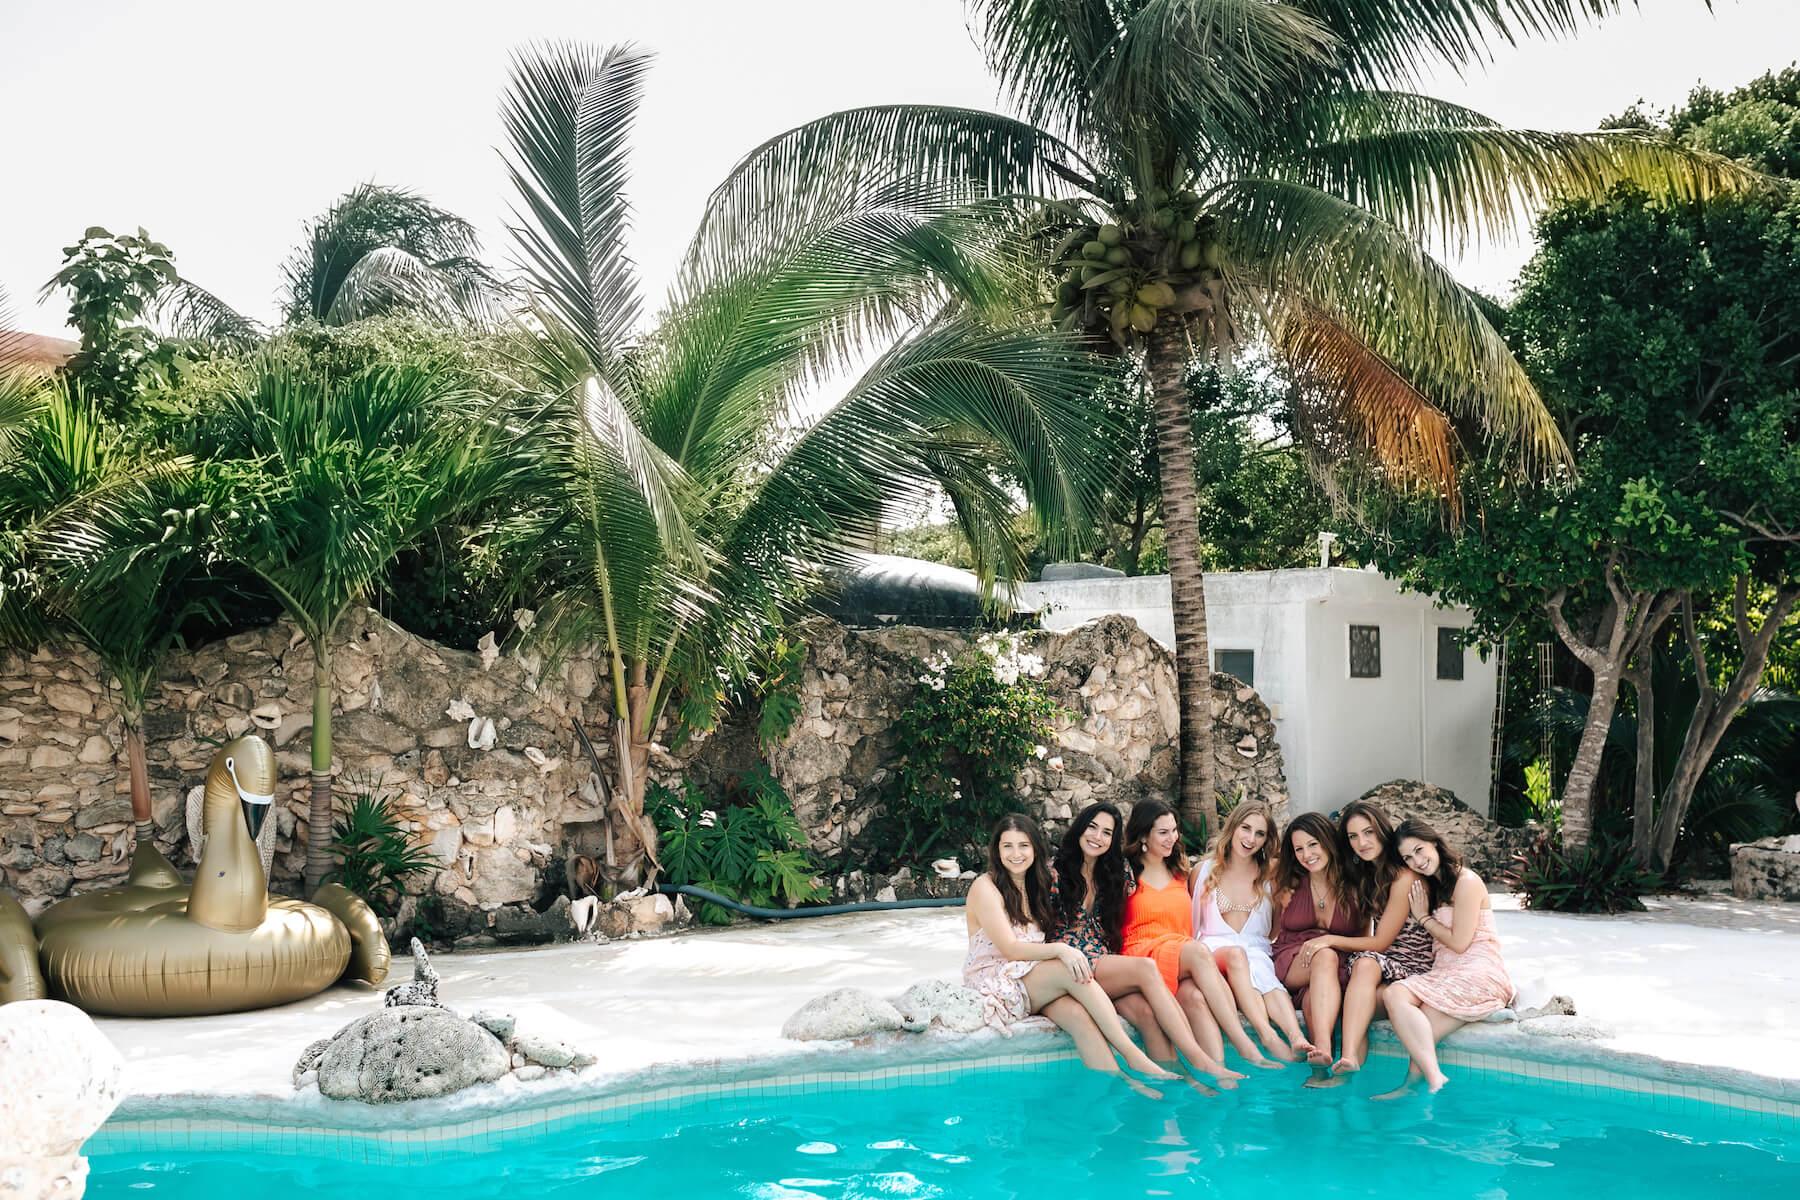 bachelorette in Cancun, Mexico